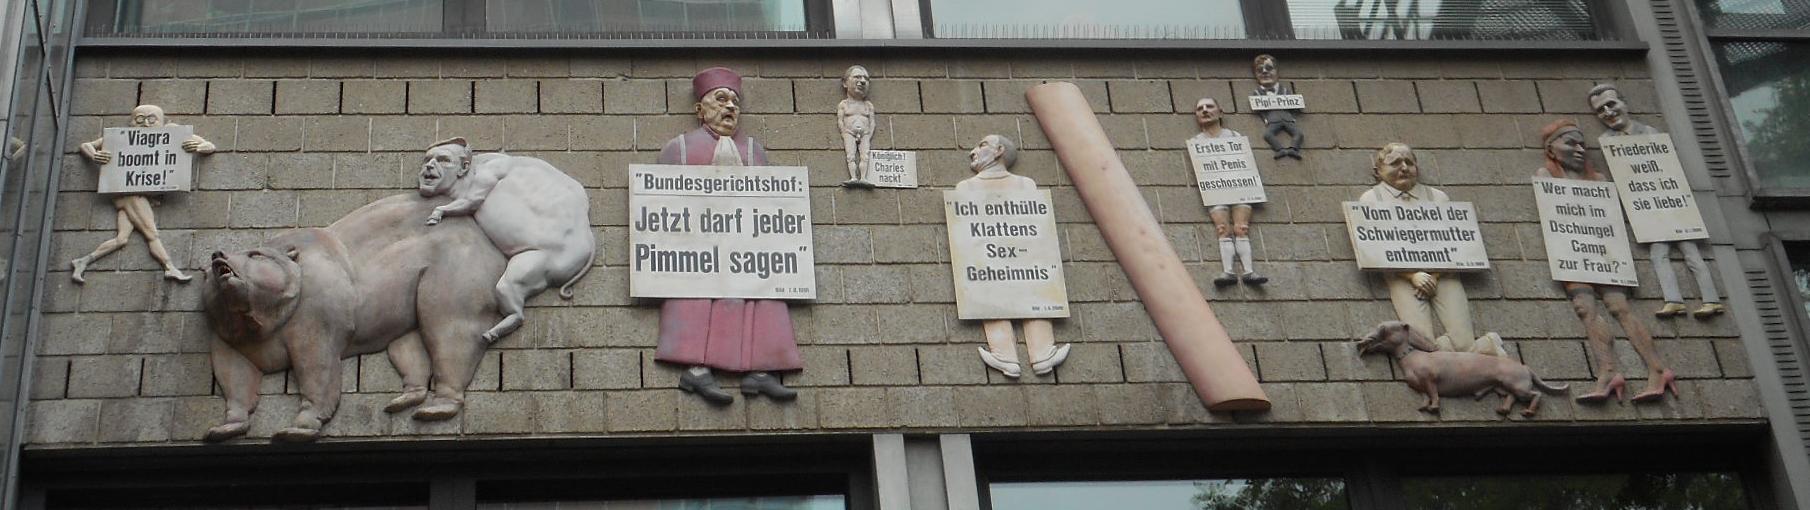 friede-sei-mit-dir-4-berlin